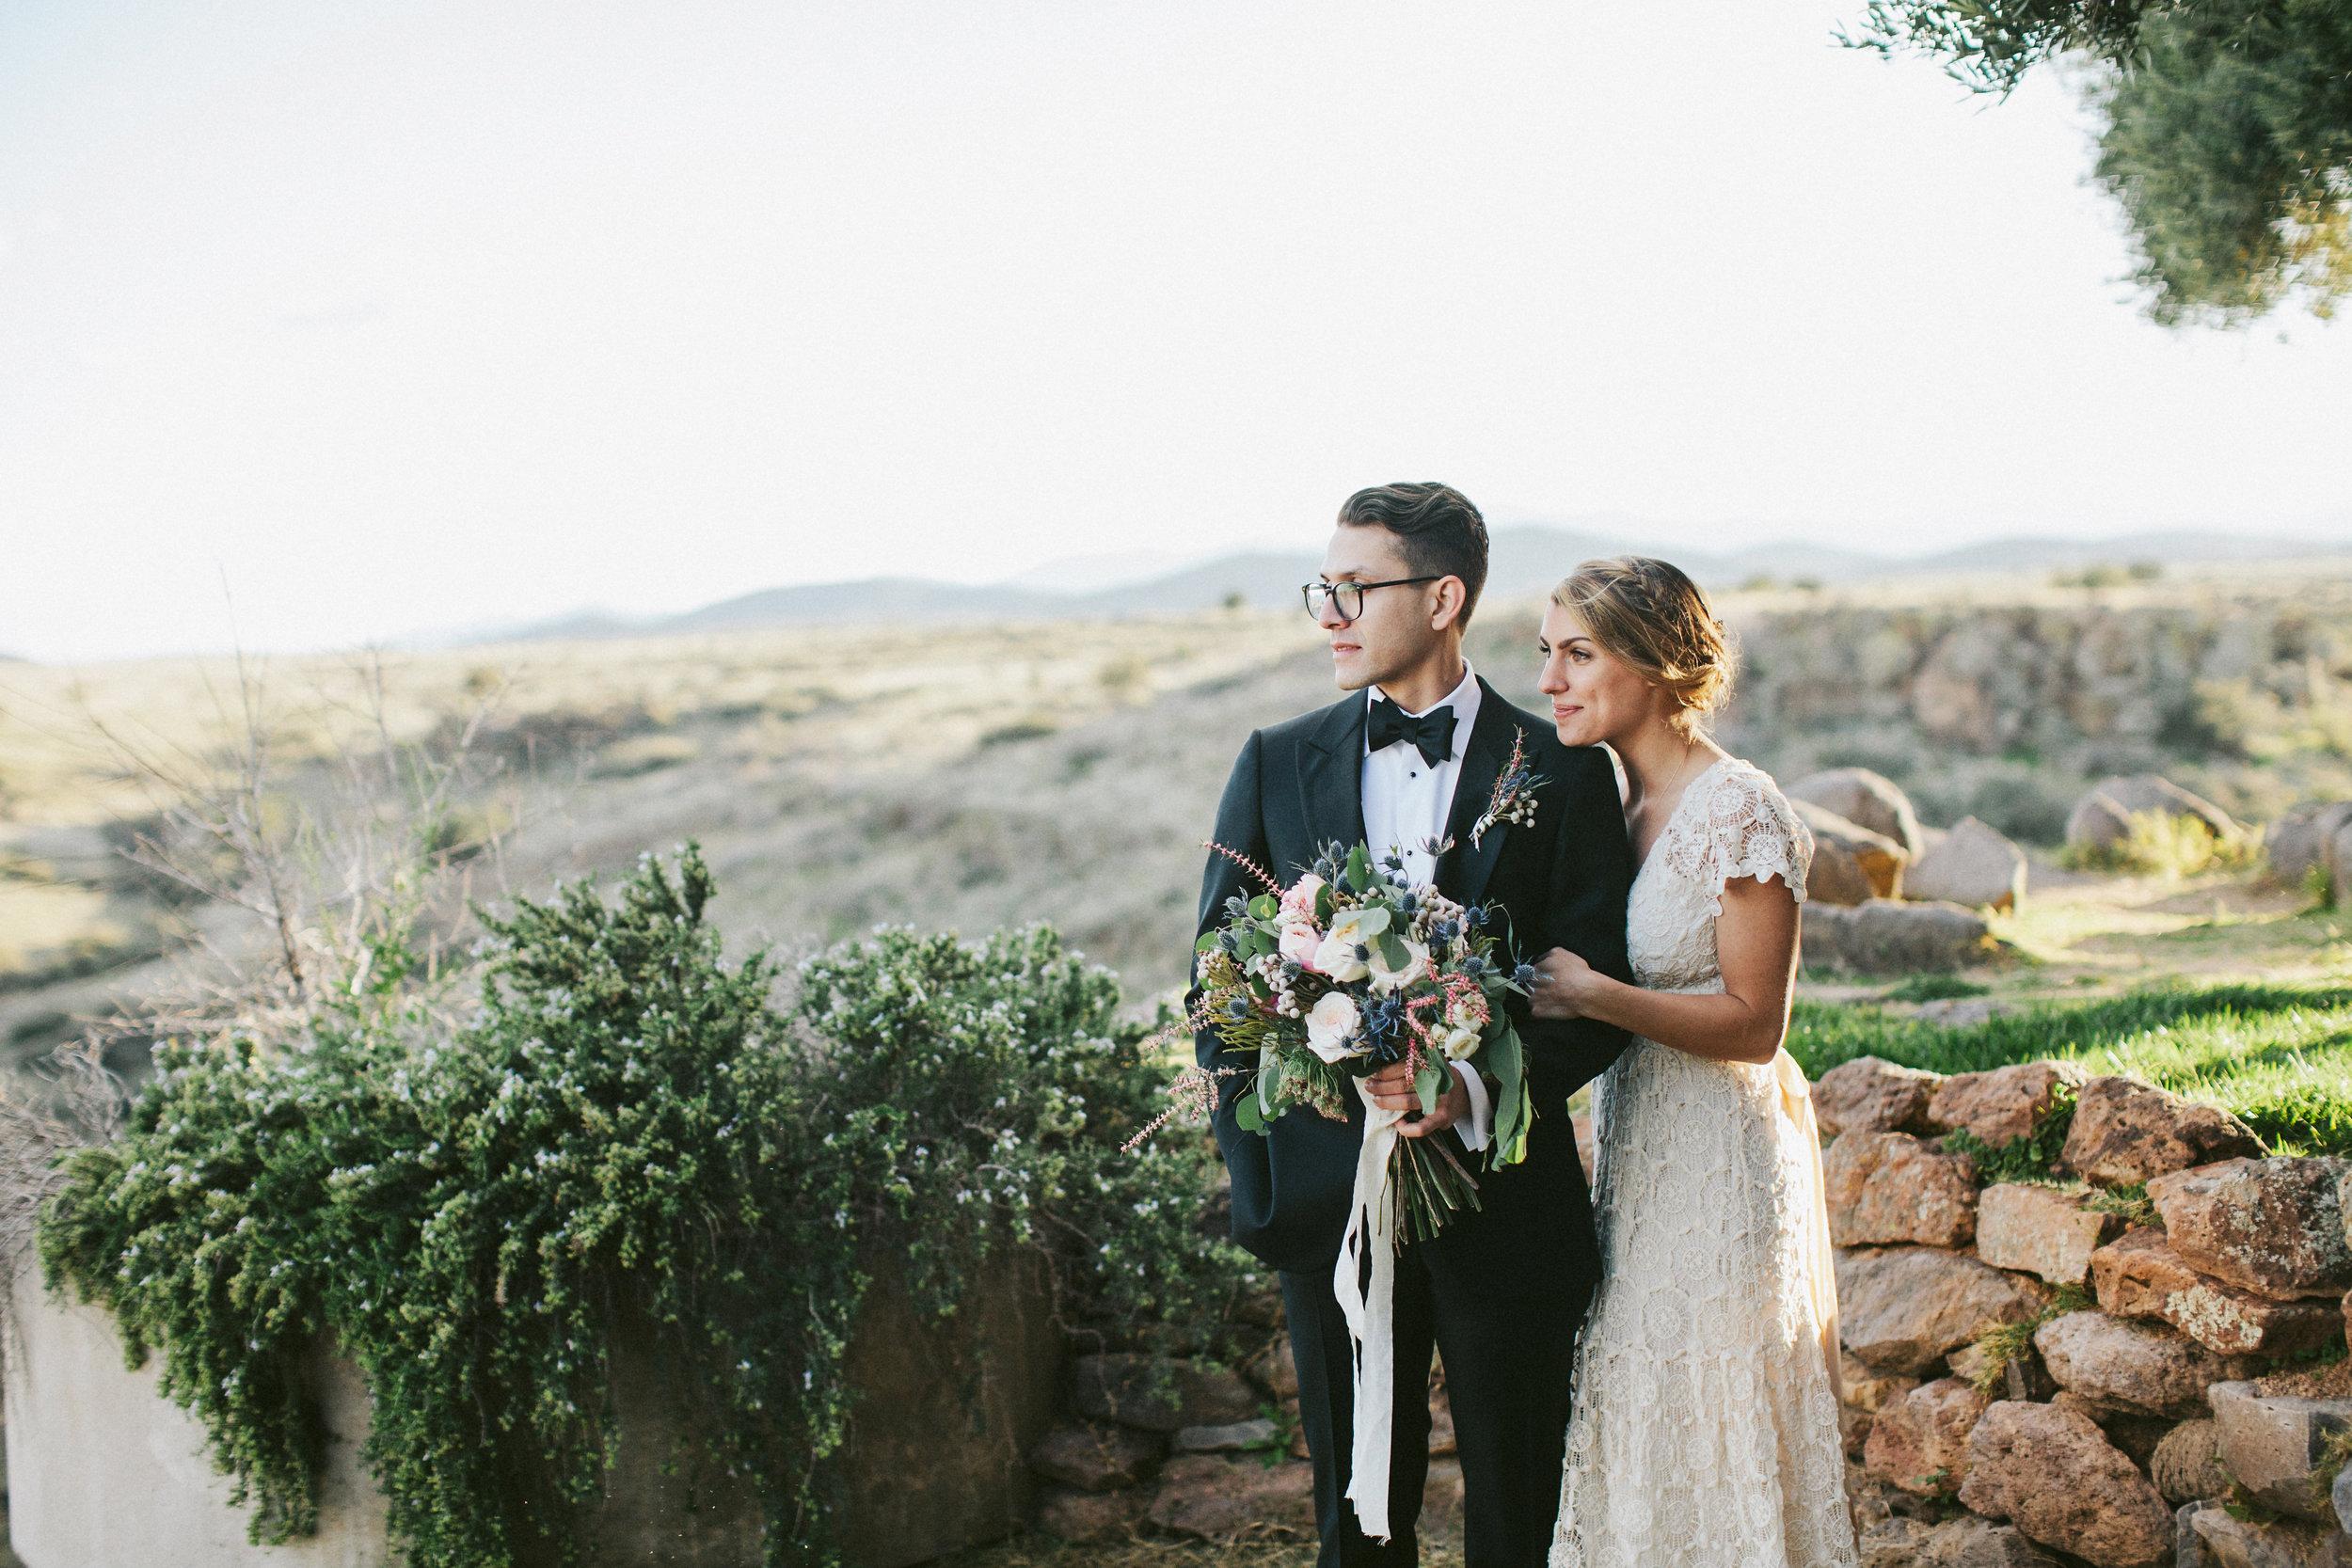 KJ_wedding_318.jpg